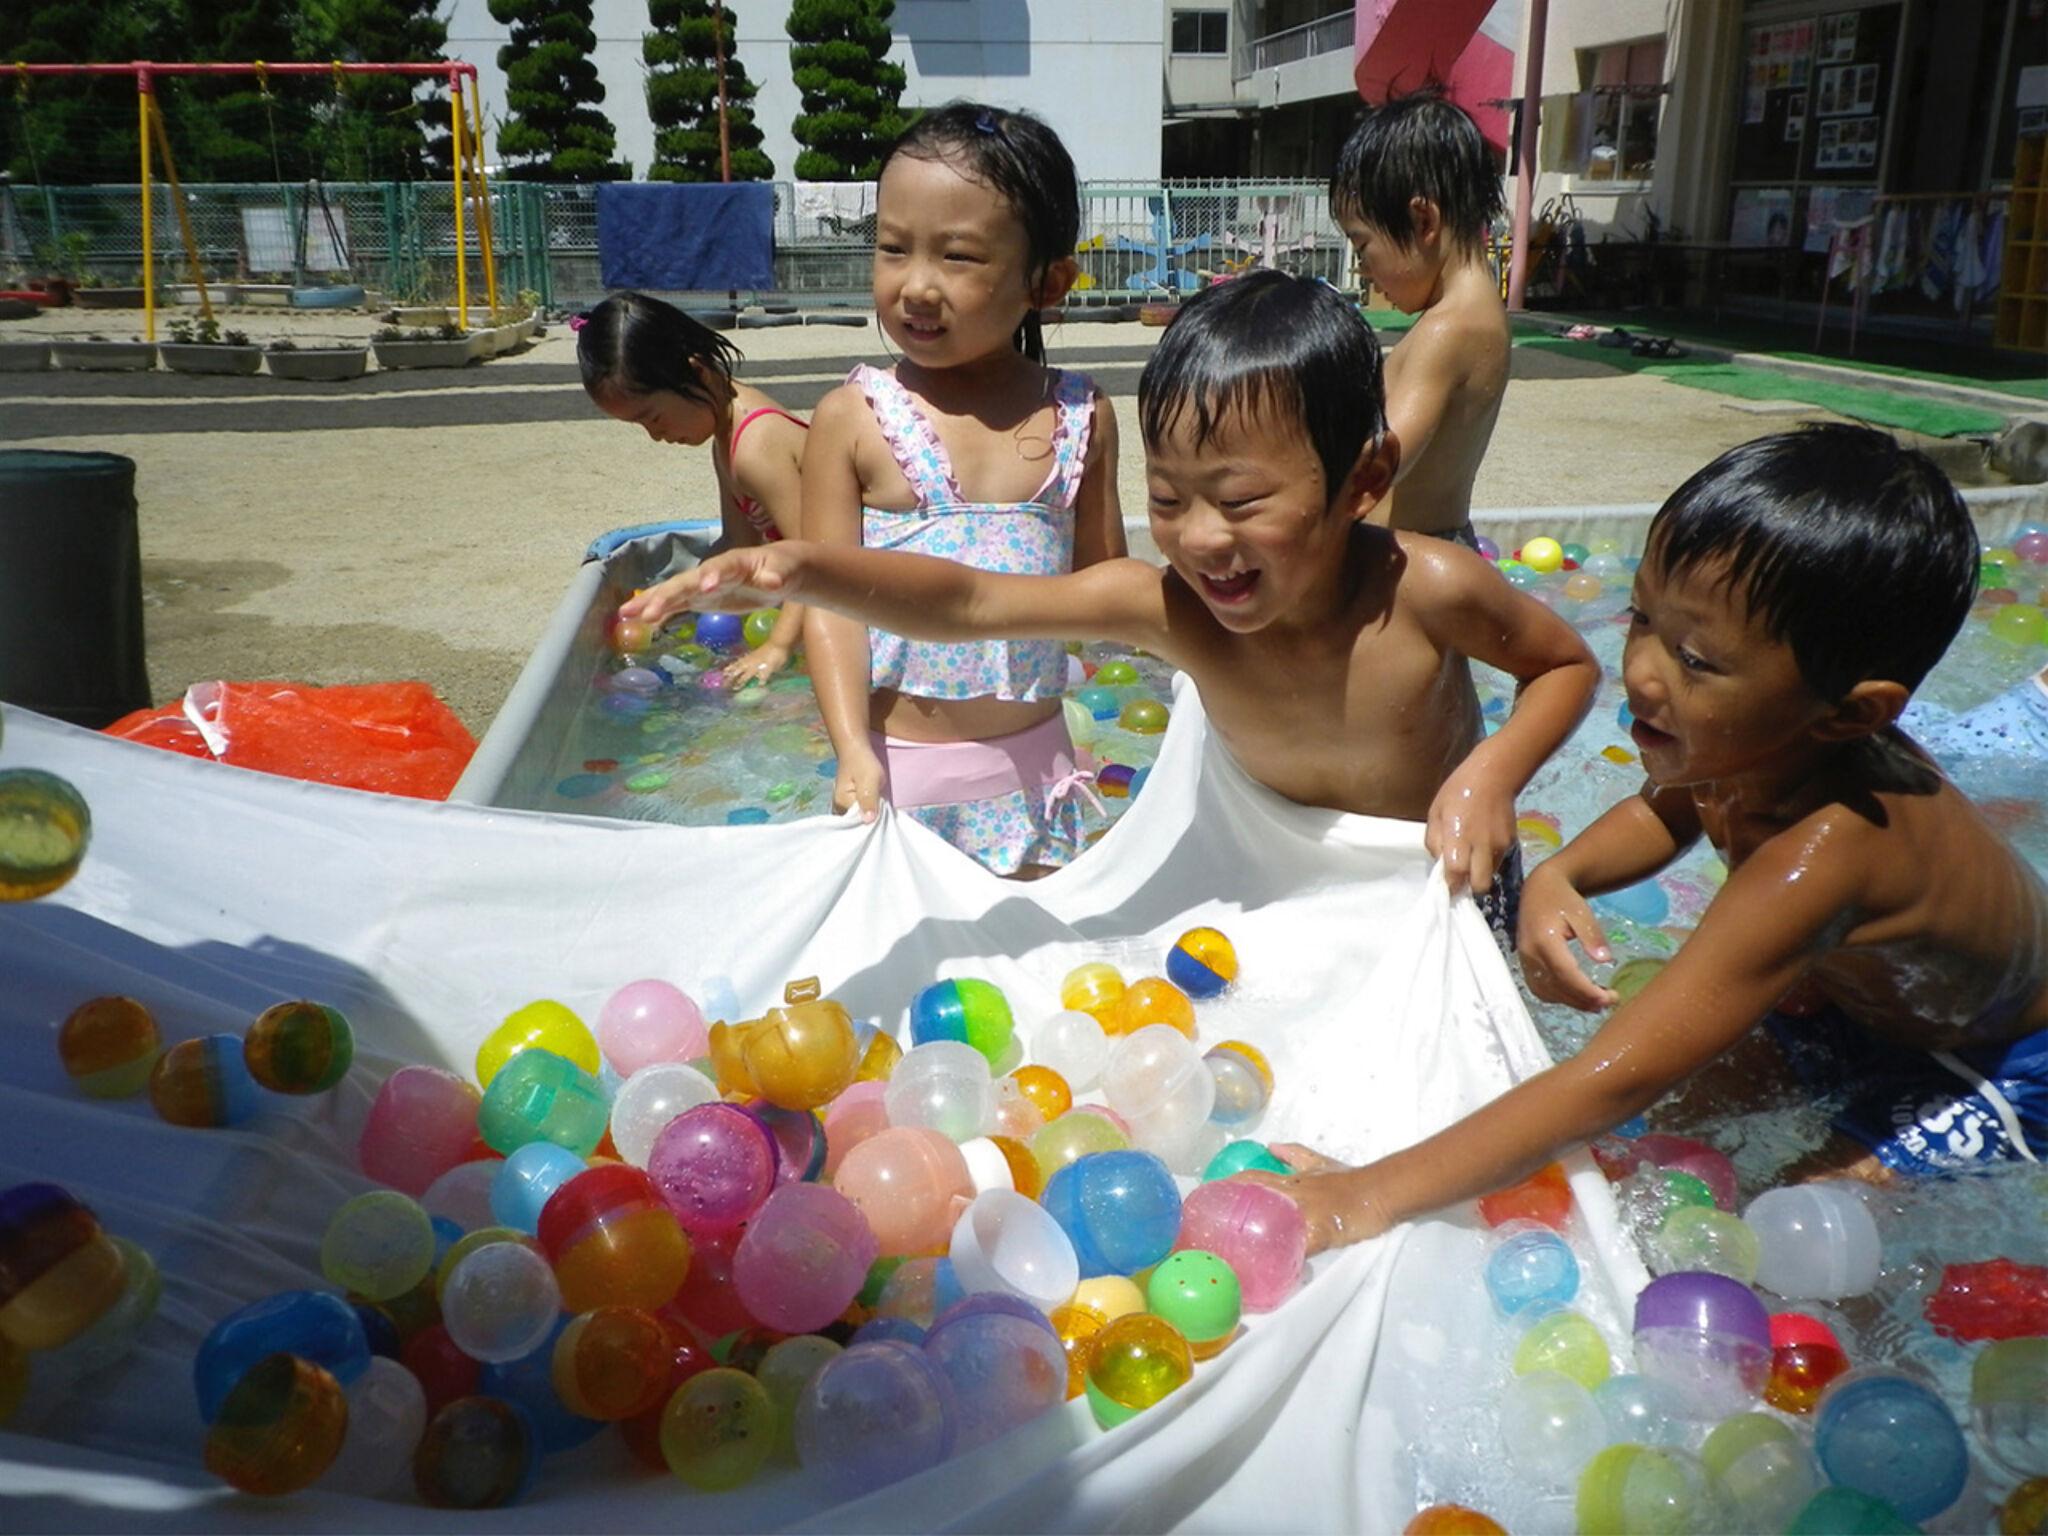 保育園で子どもが遊んでいる画像